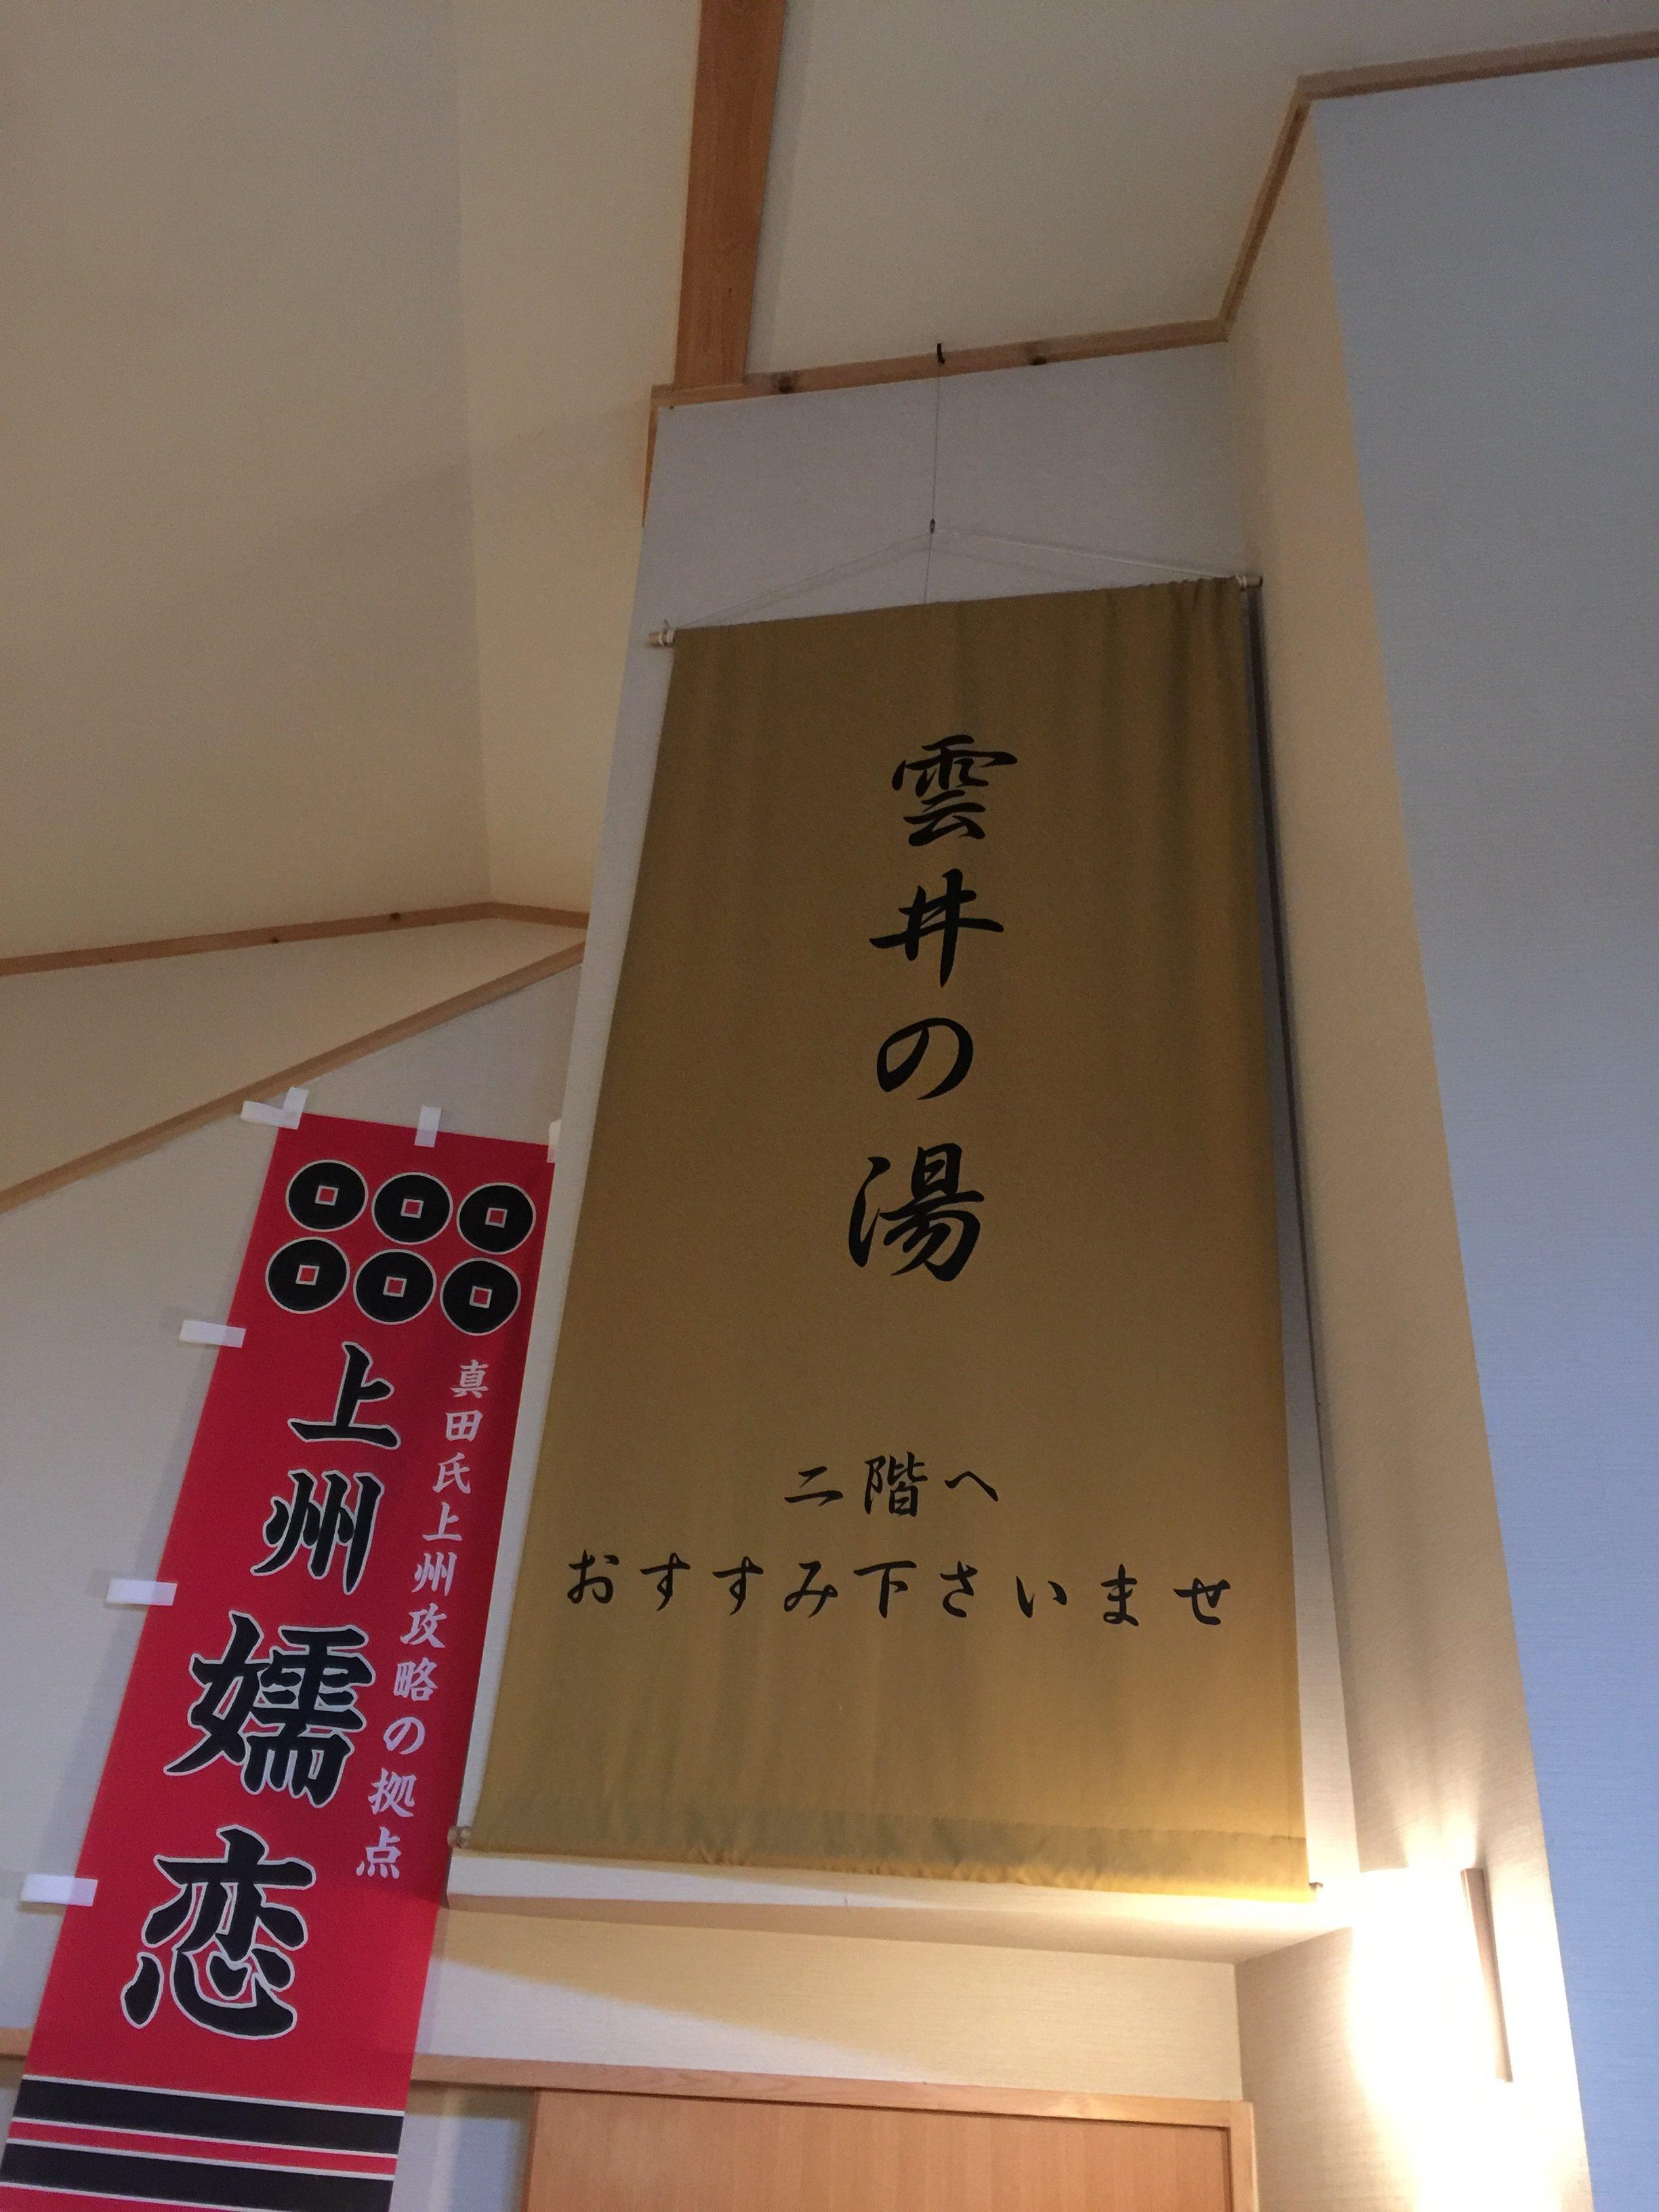 新鹿沢温泉 鹿鳴館_ここから2階へ